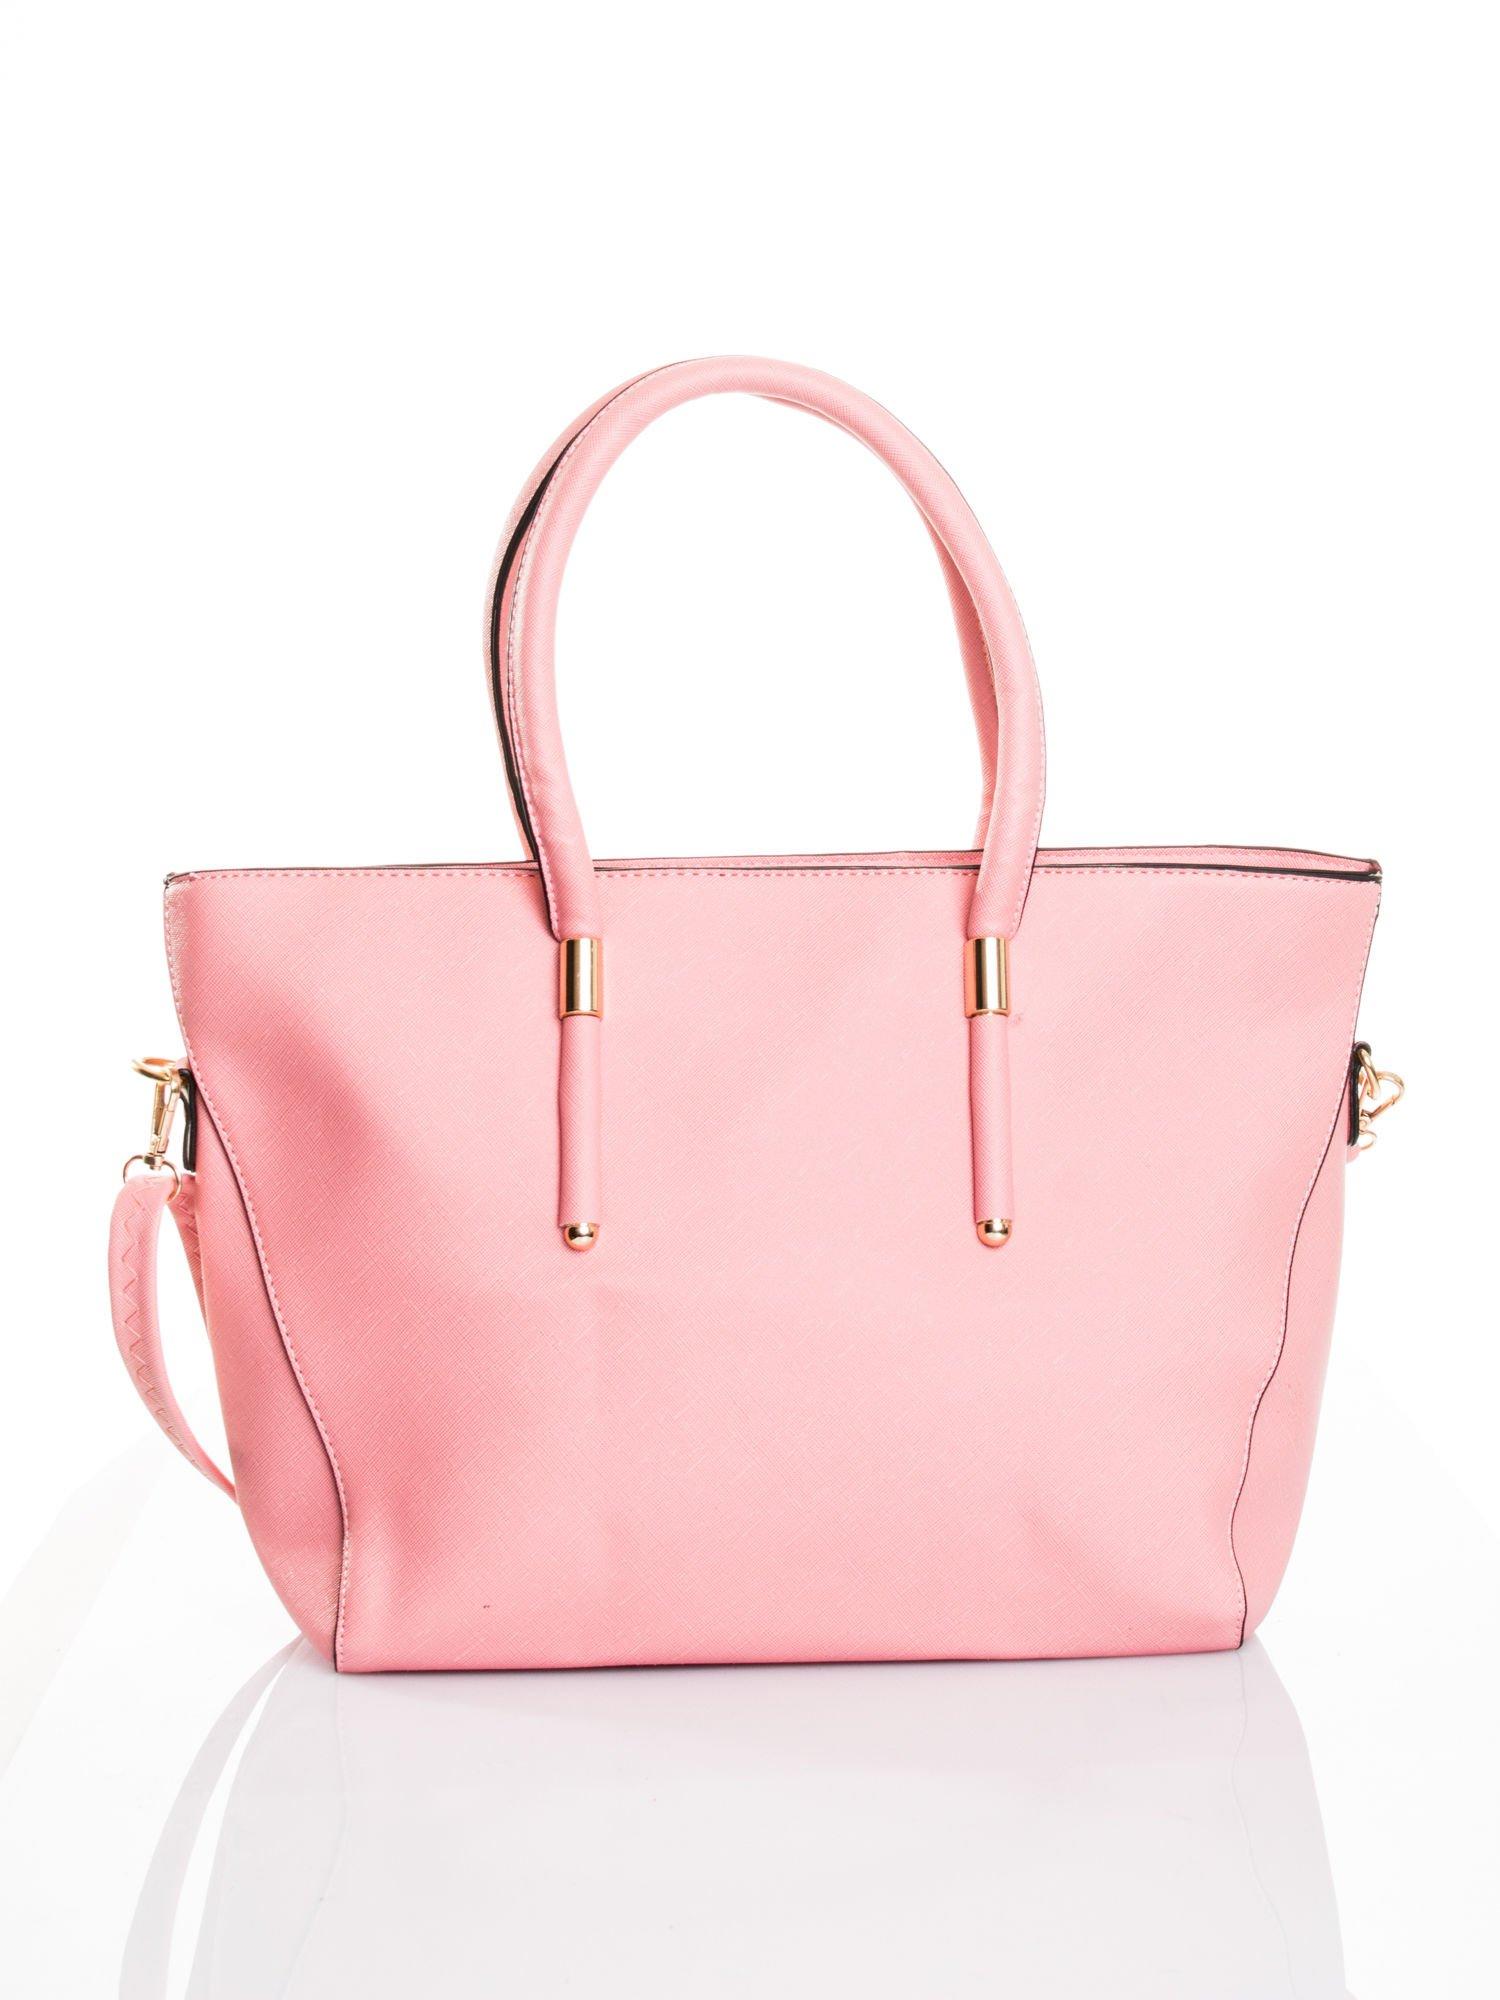 Jasnoróżowa torba shopper efekt saffiano                                  zdj.                                  1